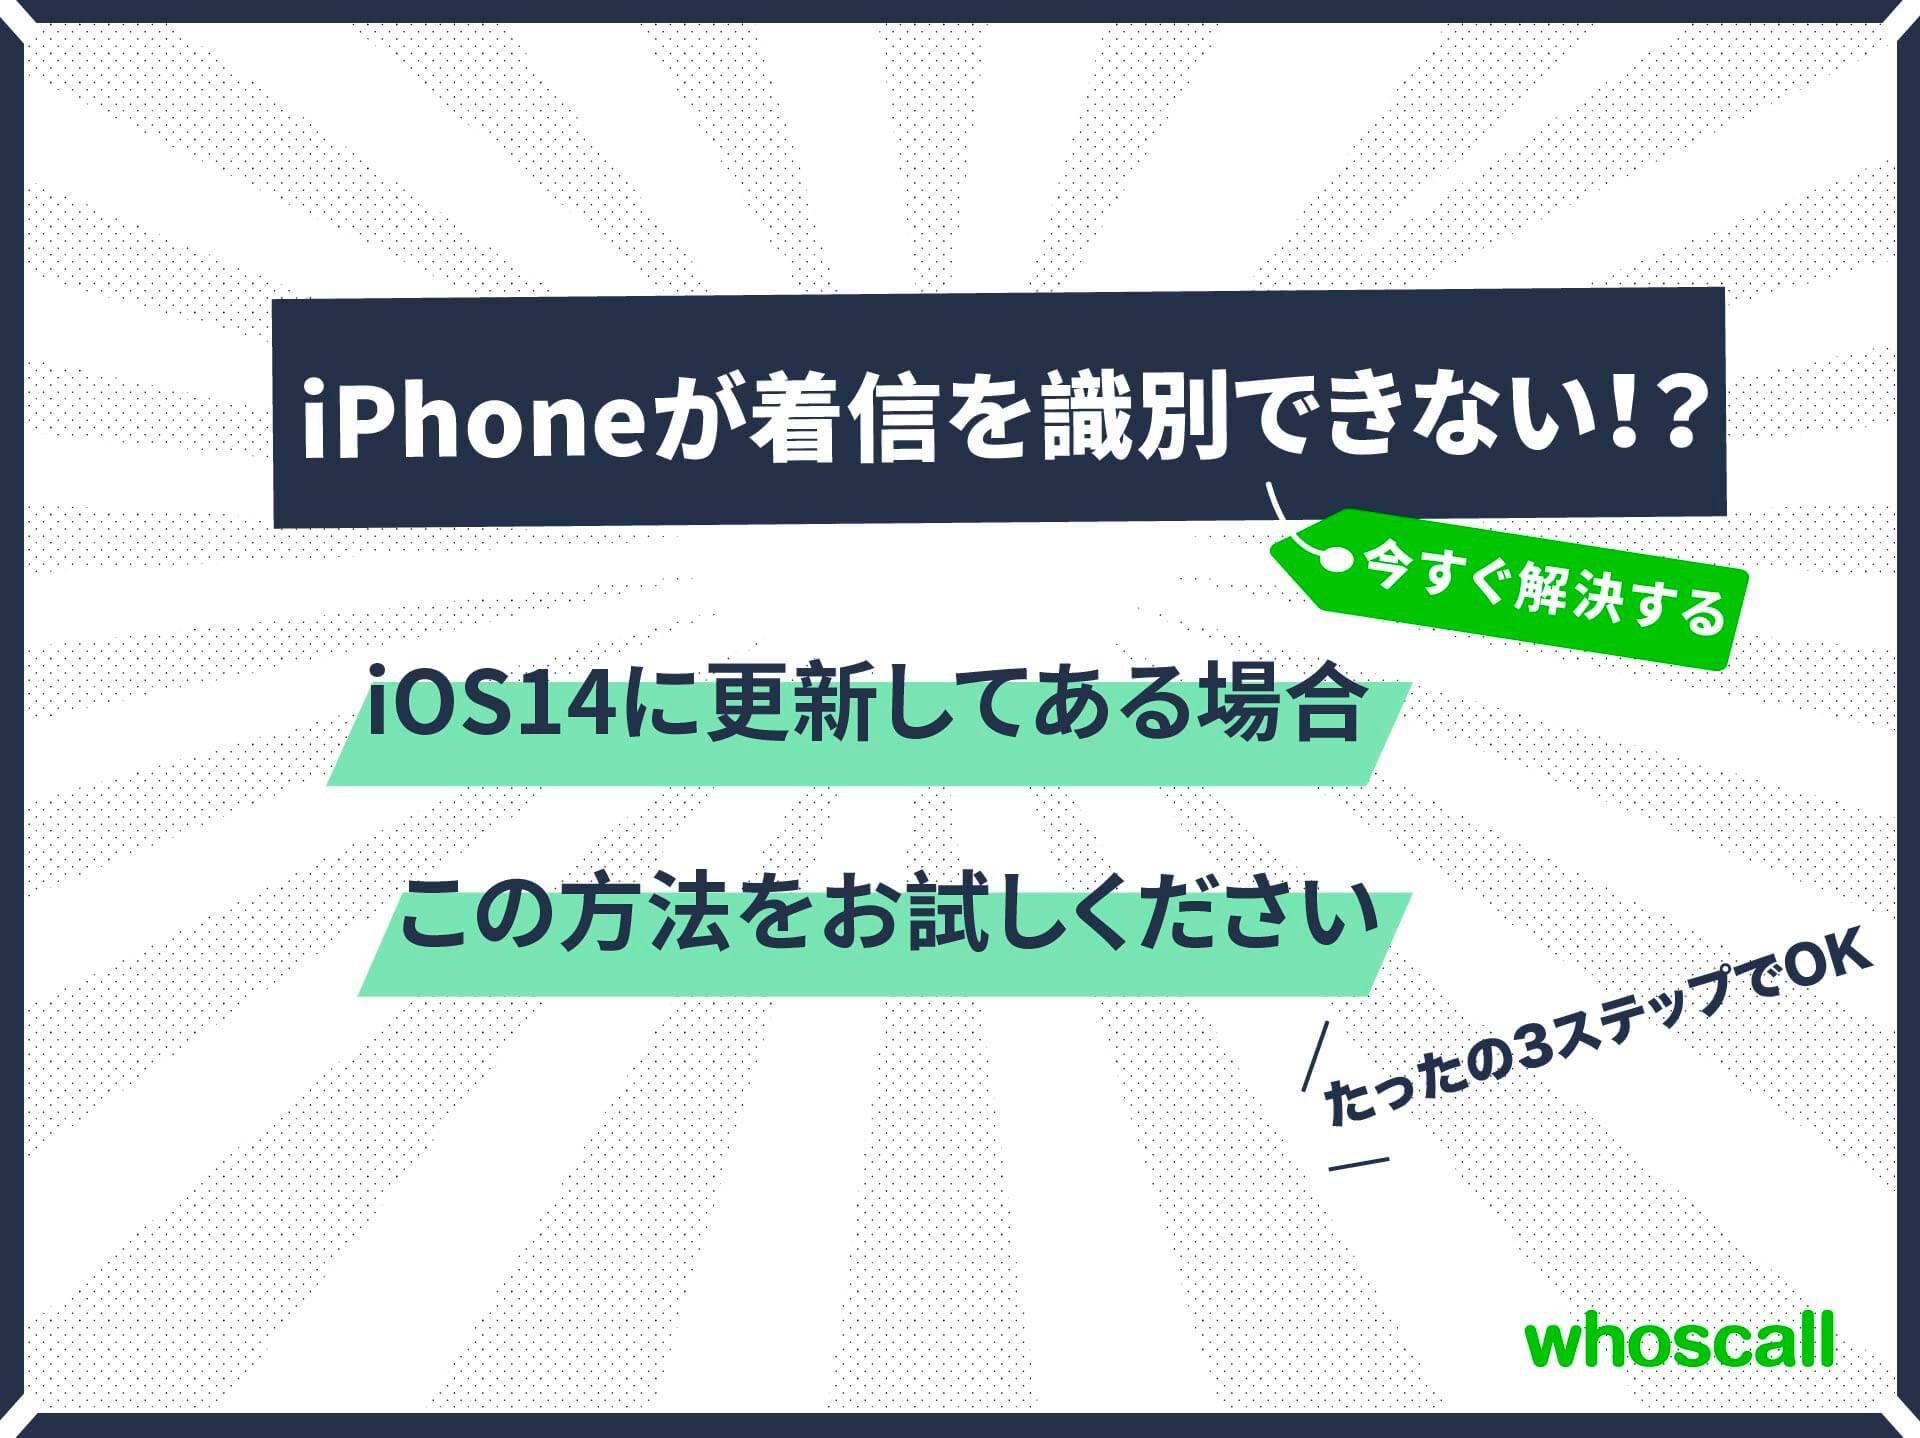 iPhoneが着信を識別できない!? iOS 14へ更新してある方は、この方法をお試しください